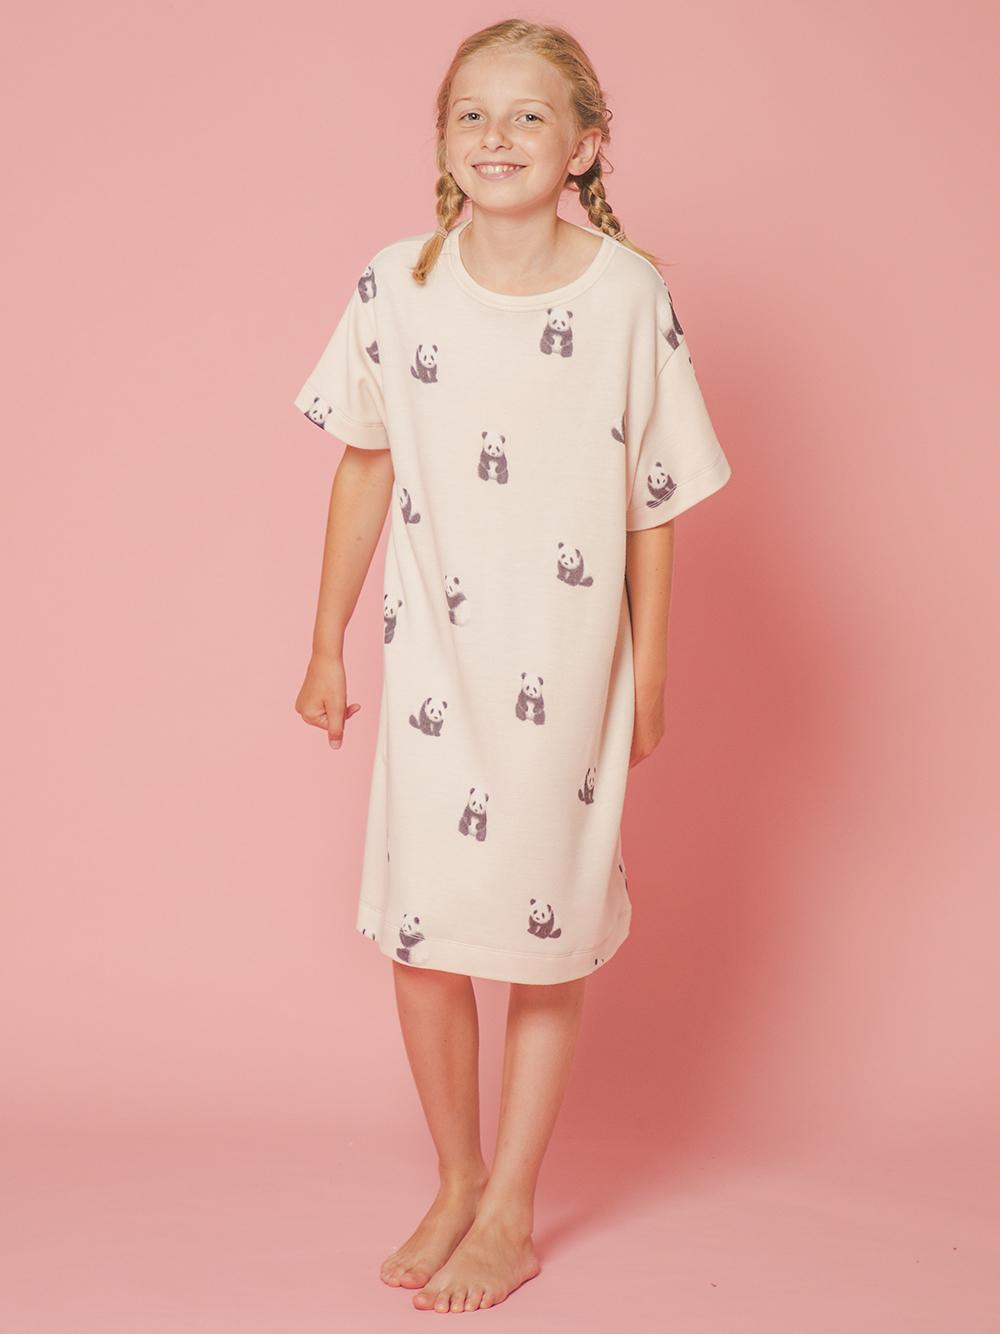 【JUNIOR】 【ONLINE限定】パンダモチーフ junior ドレス | PJCO214488